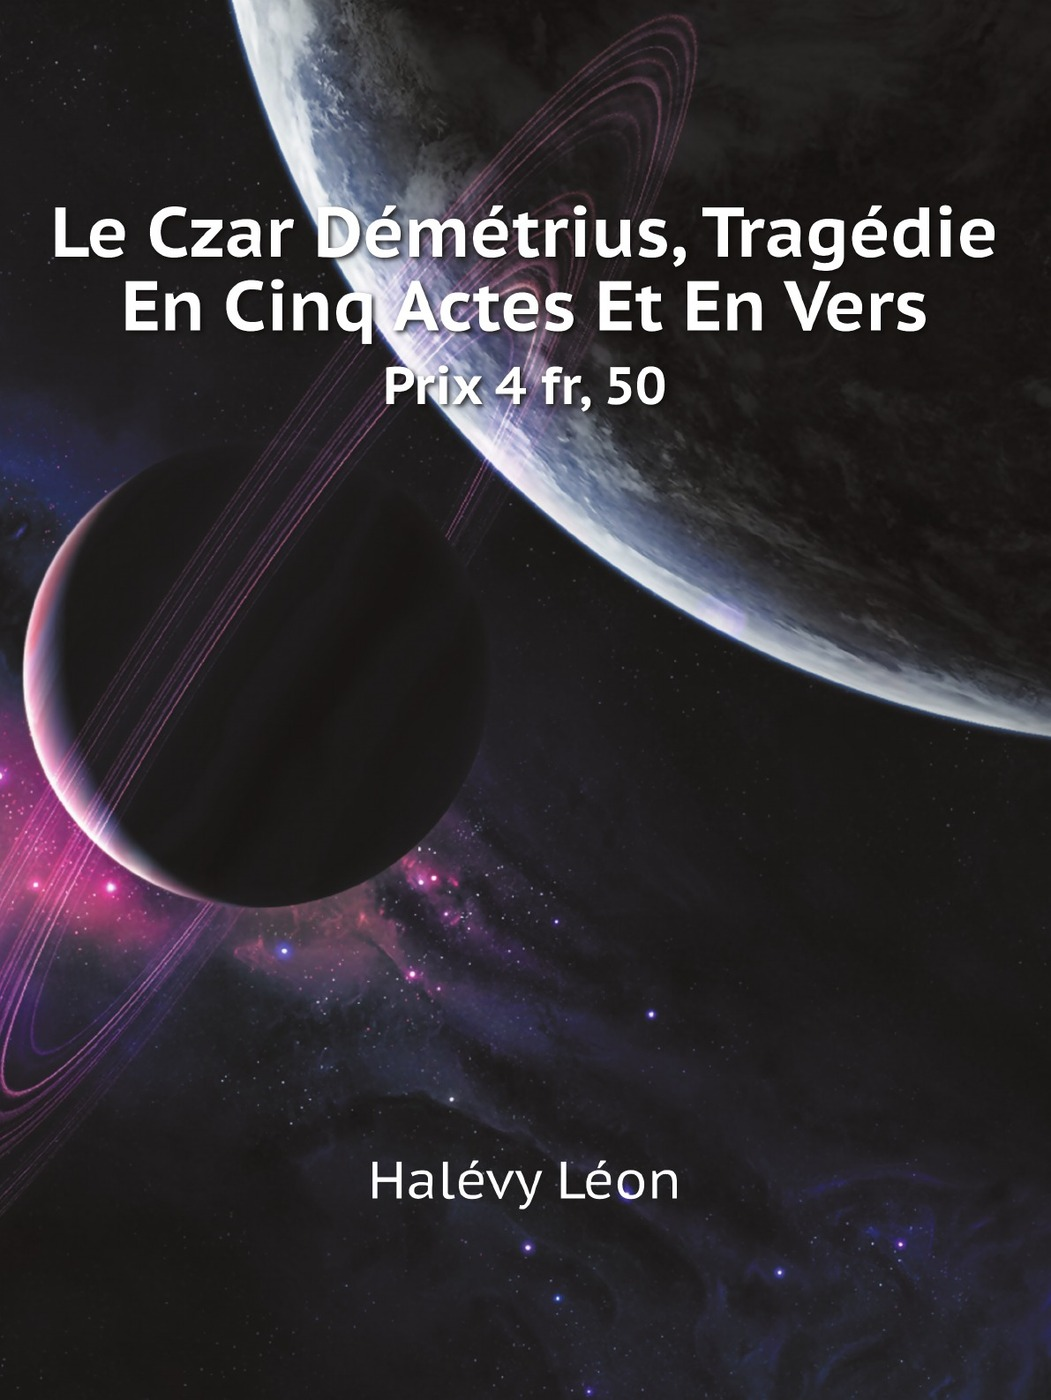 Halévy Léon Le Czar Demetrius, Tragedie En Cinq Actes Et En Vers. Prix 4 fr, 50 françois joseph depuntis l ecole des ministres comedie en cinq actes et en vers presentee au theatre francais en l an 7